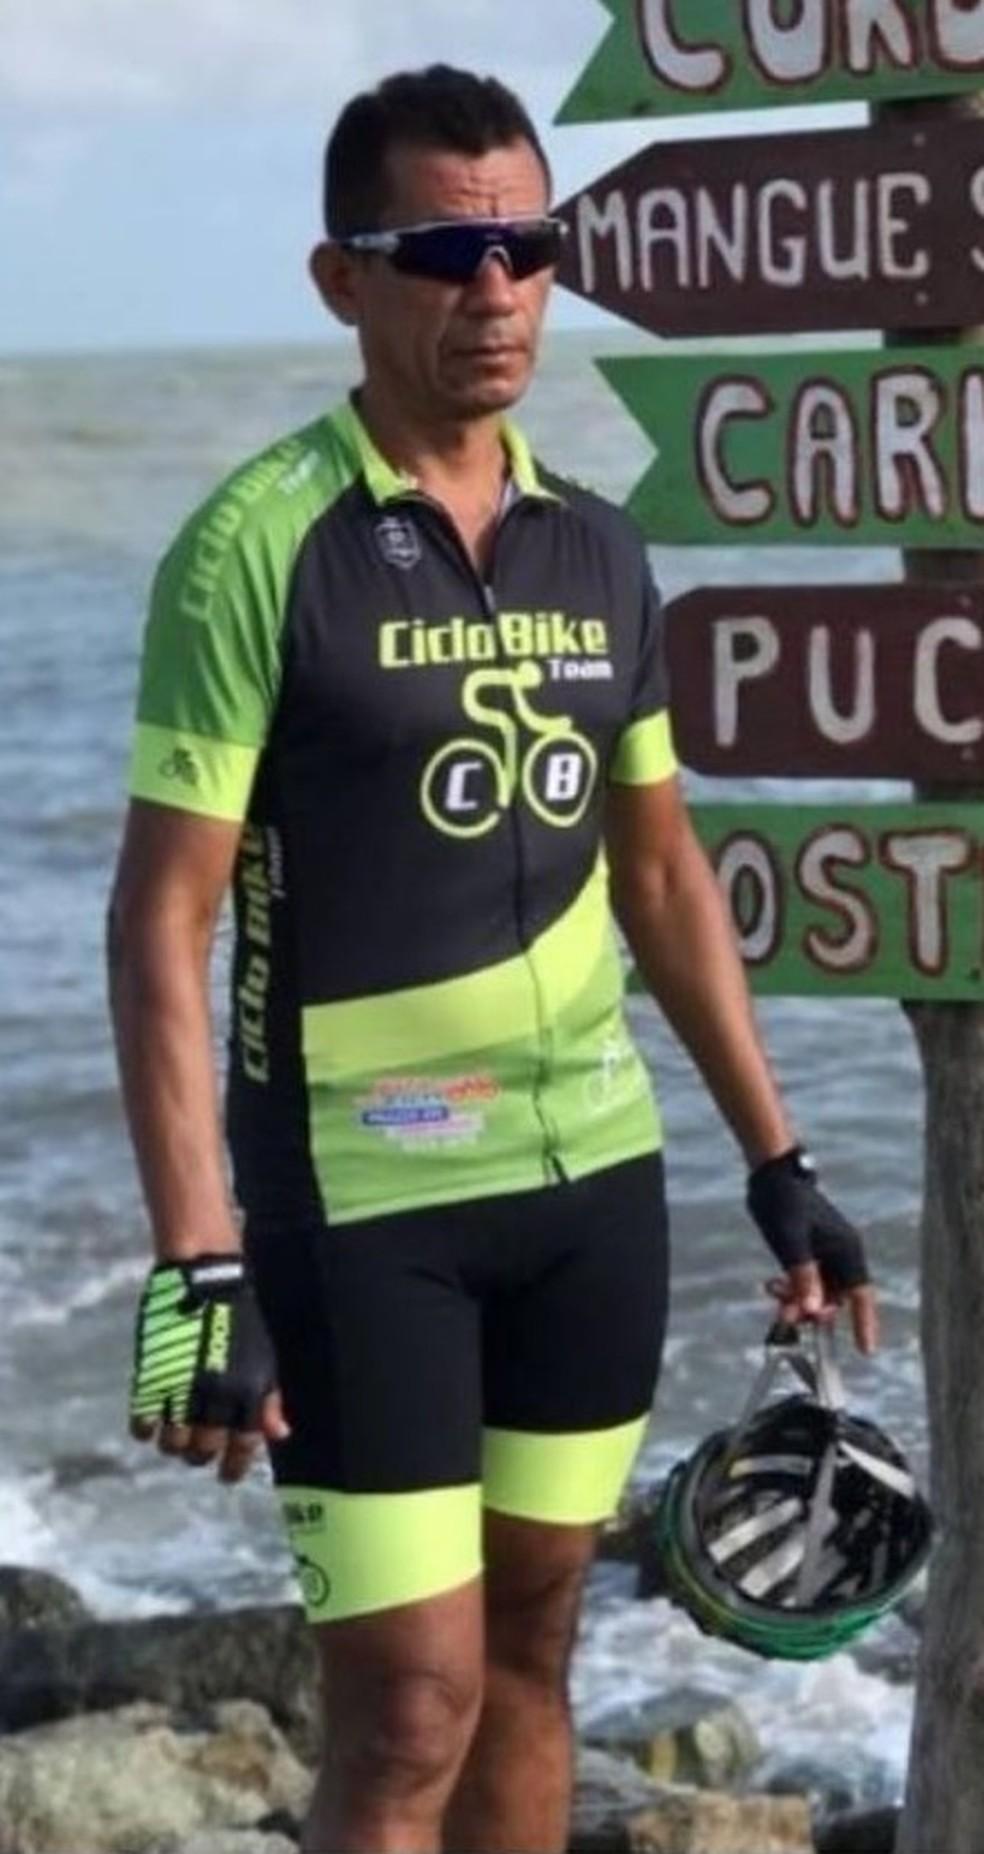 Raimundo da Silva Brandão era ciclista e foi morto durante assalto, segundo a polícia — Foto: Divulgação/CicloBike